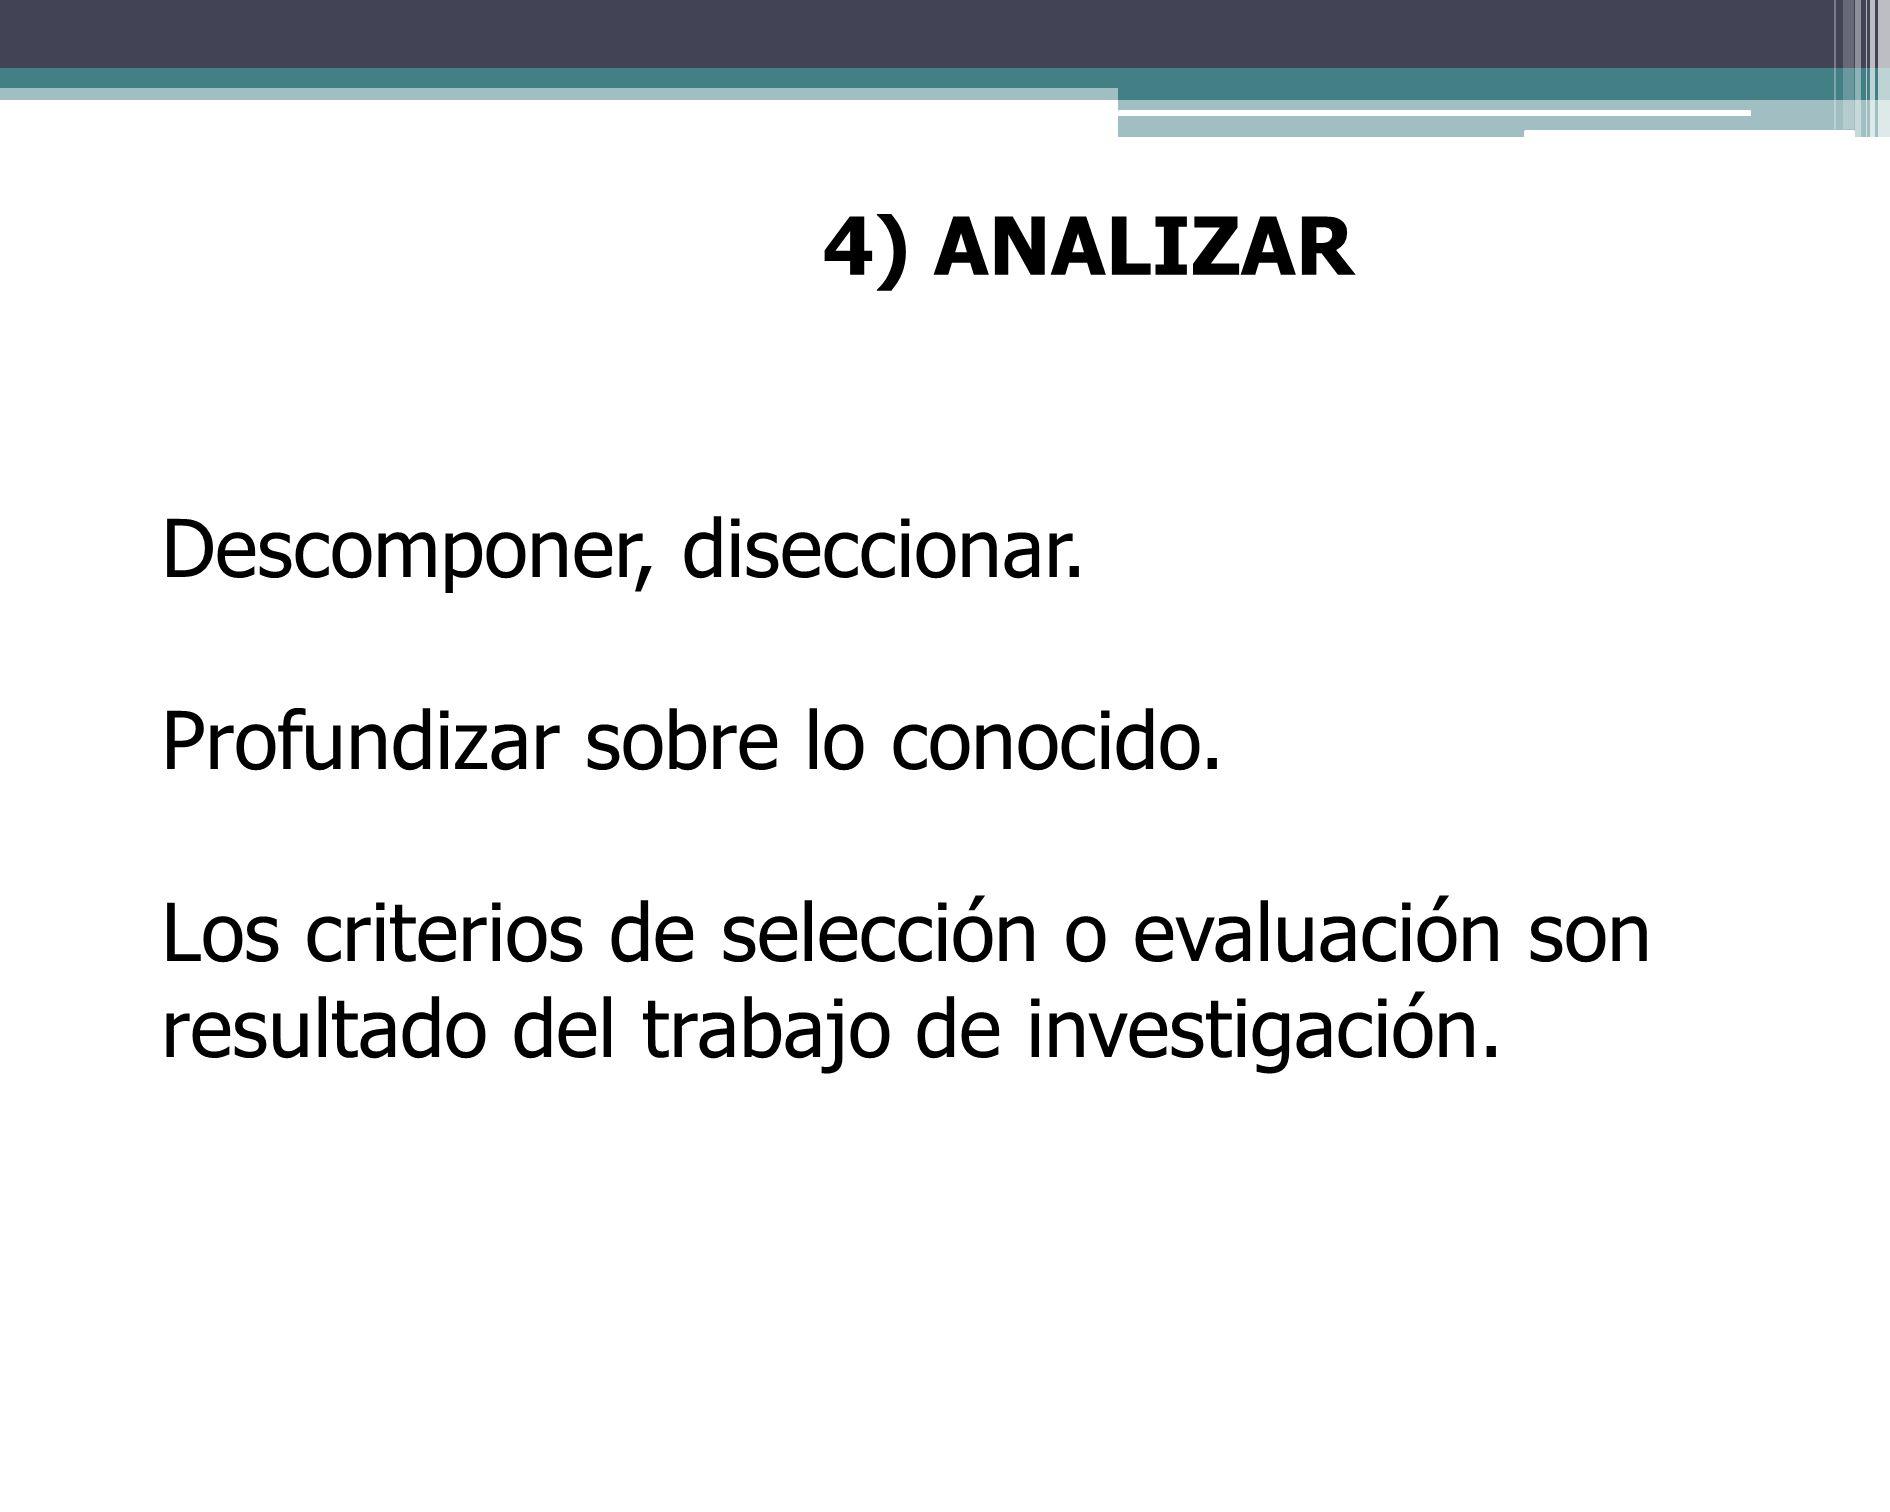 3) IDENTIFICAR Encontrar, relacionar, asociar. Listar un menú de opciones. Explicar criterios de análisis.